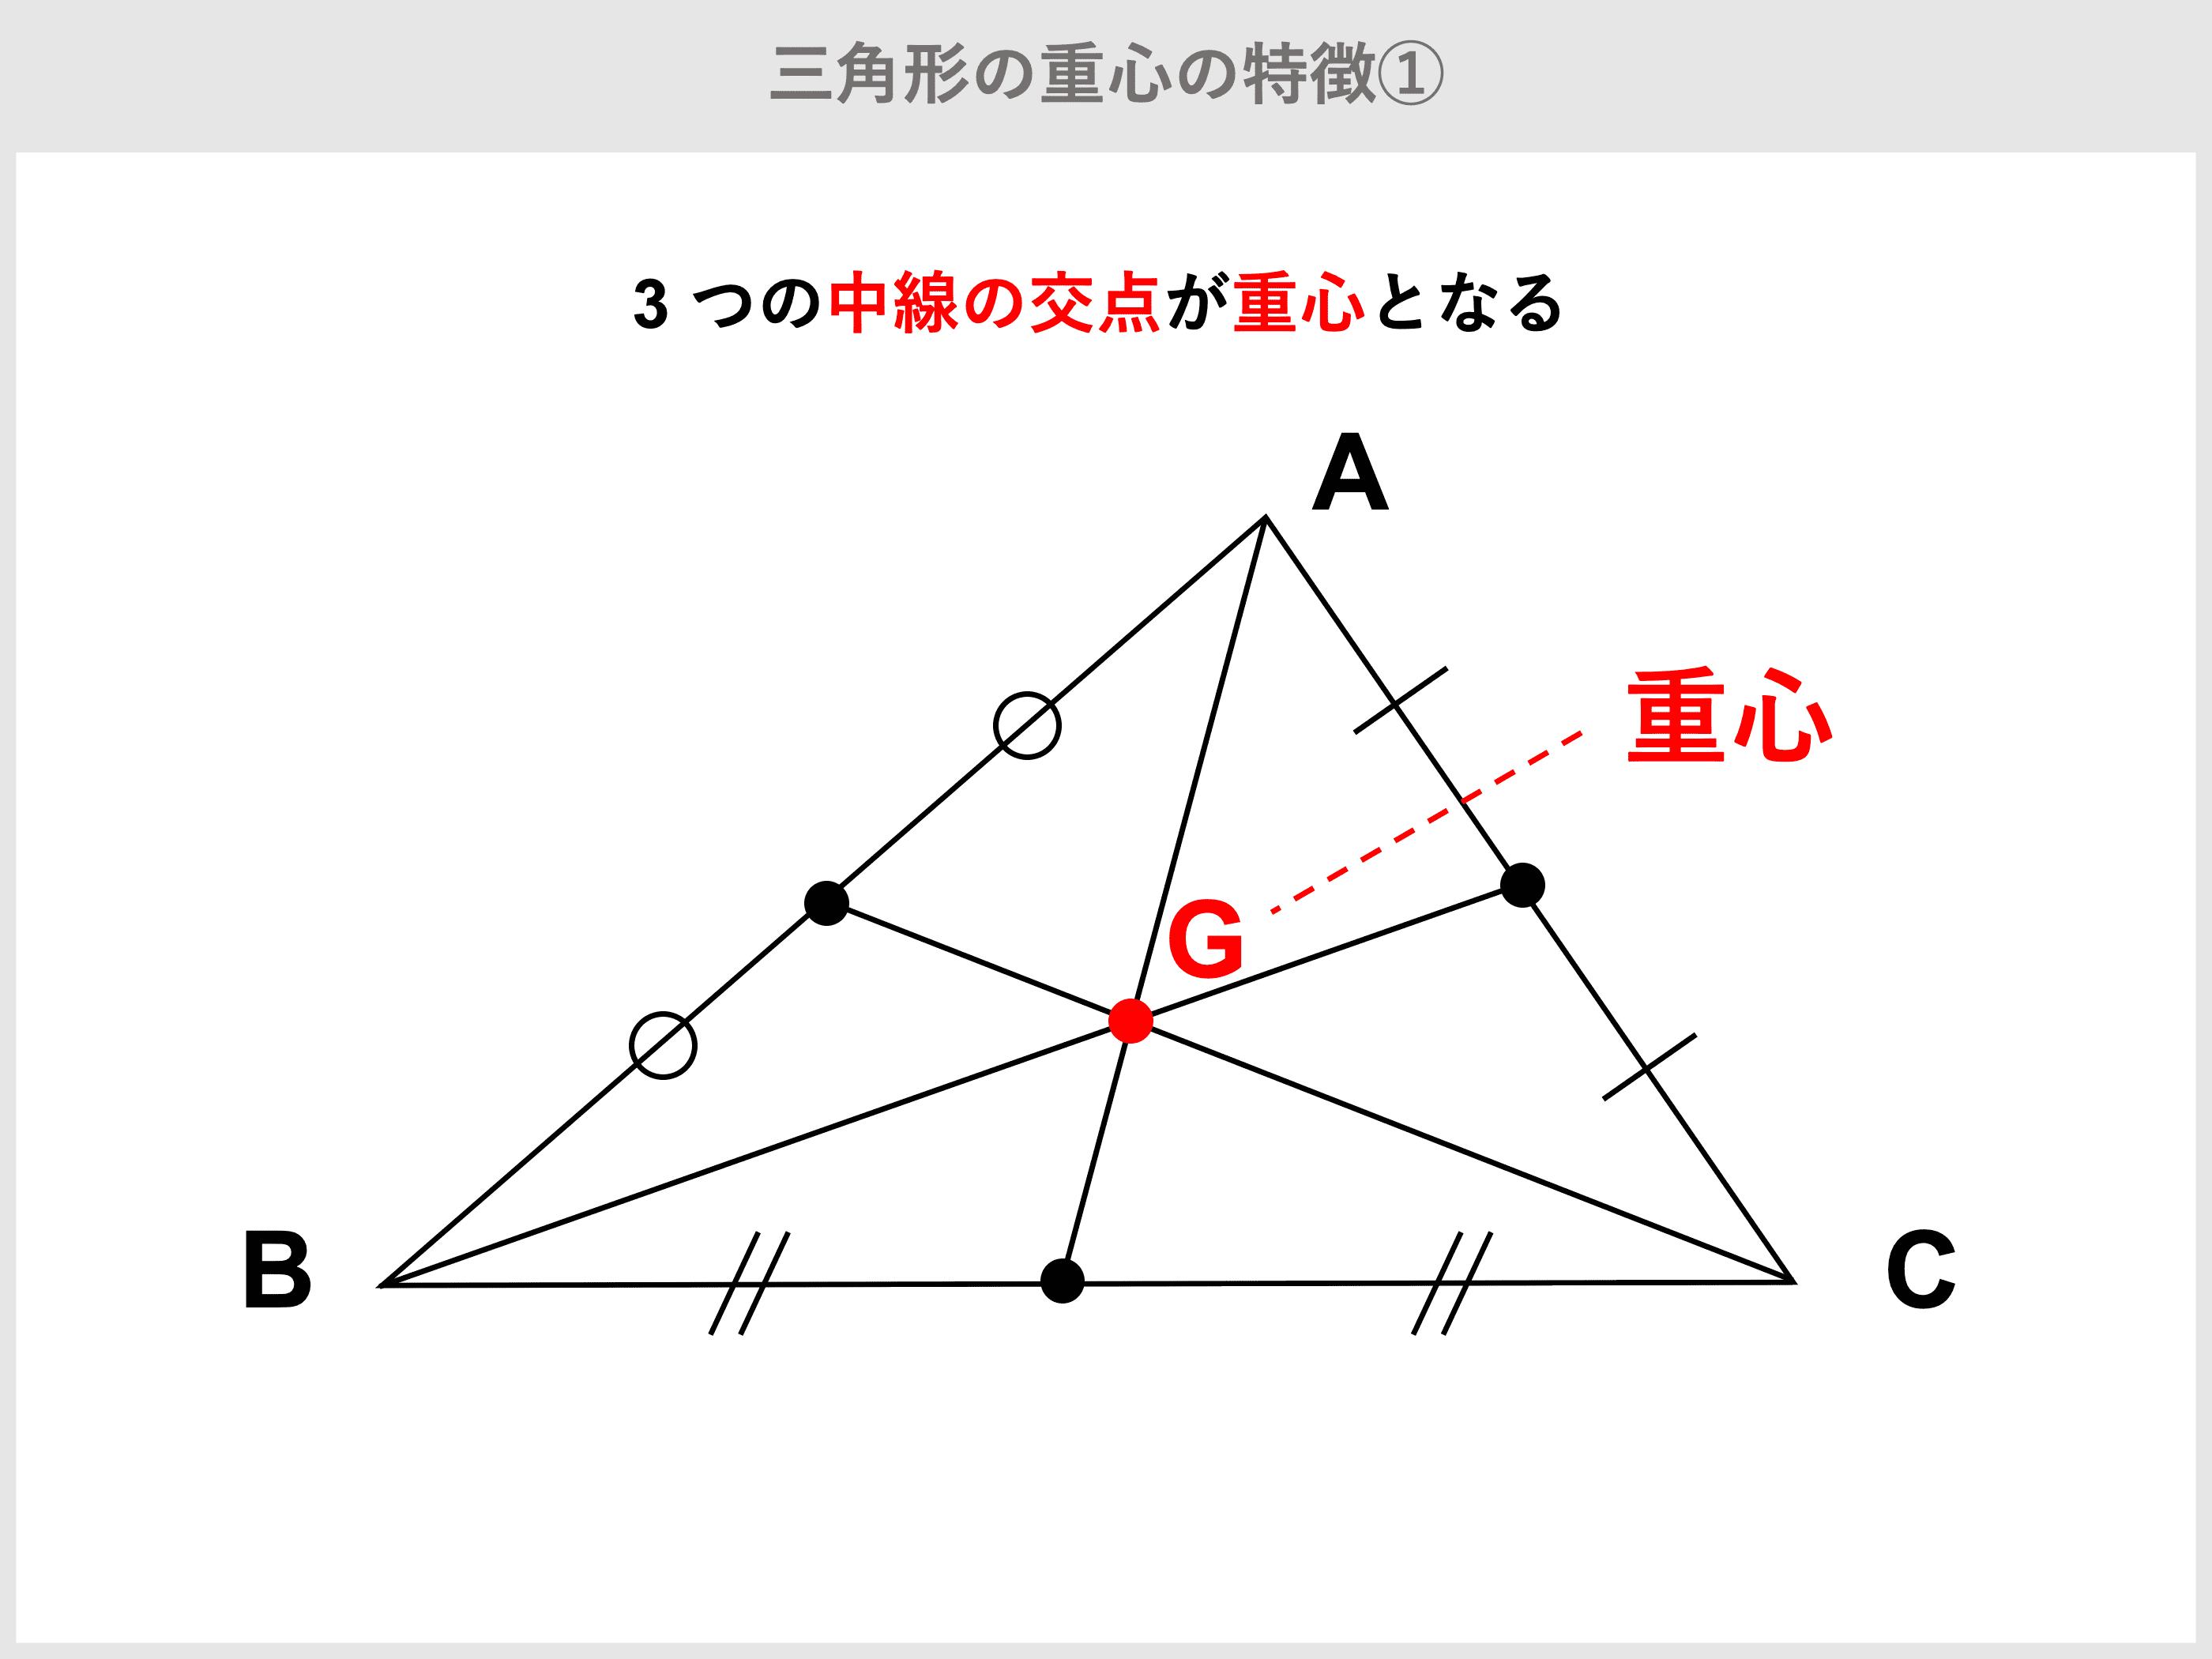 三角形とは?面積公式、角度・辺の長さ・重心・比の計算   受験辞典